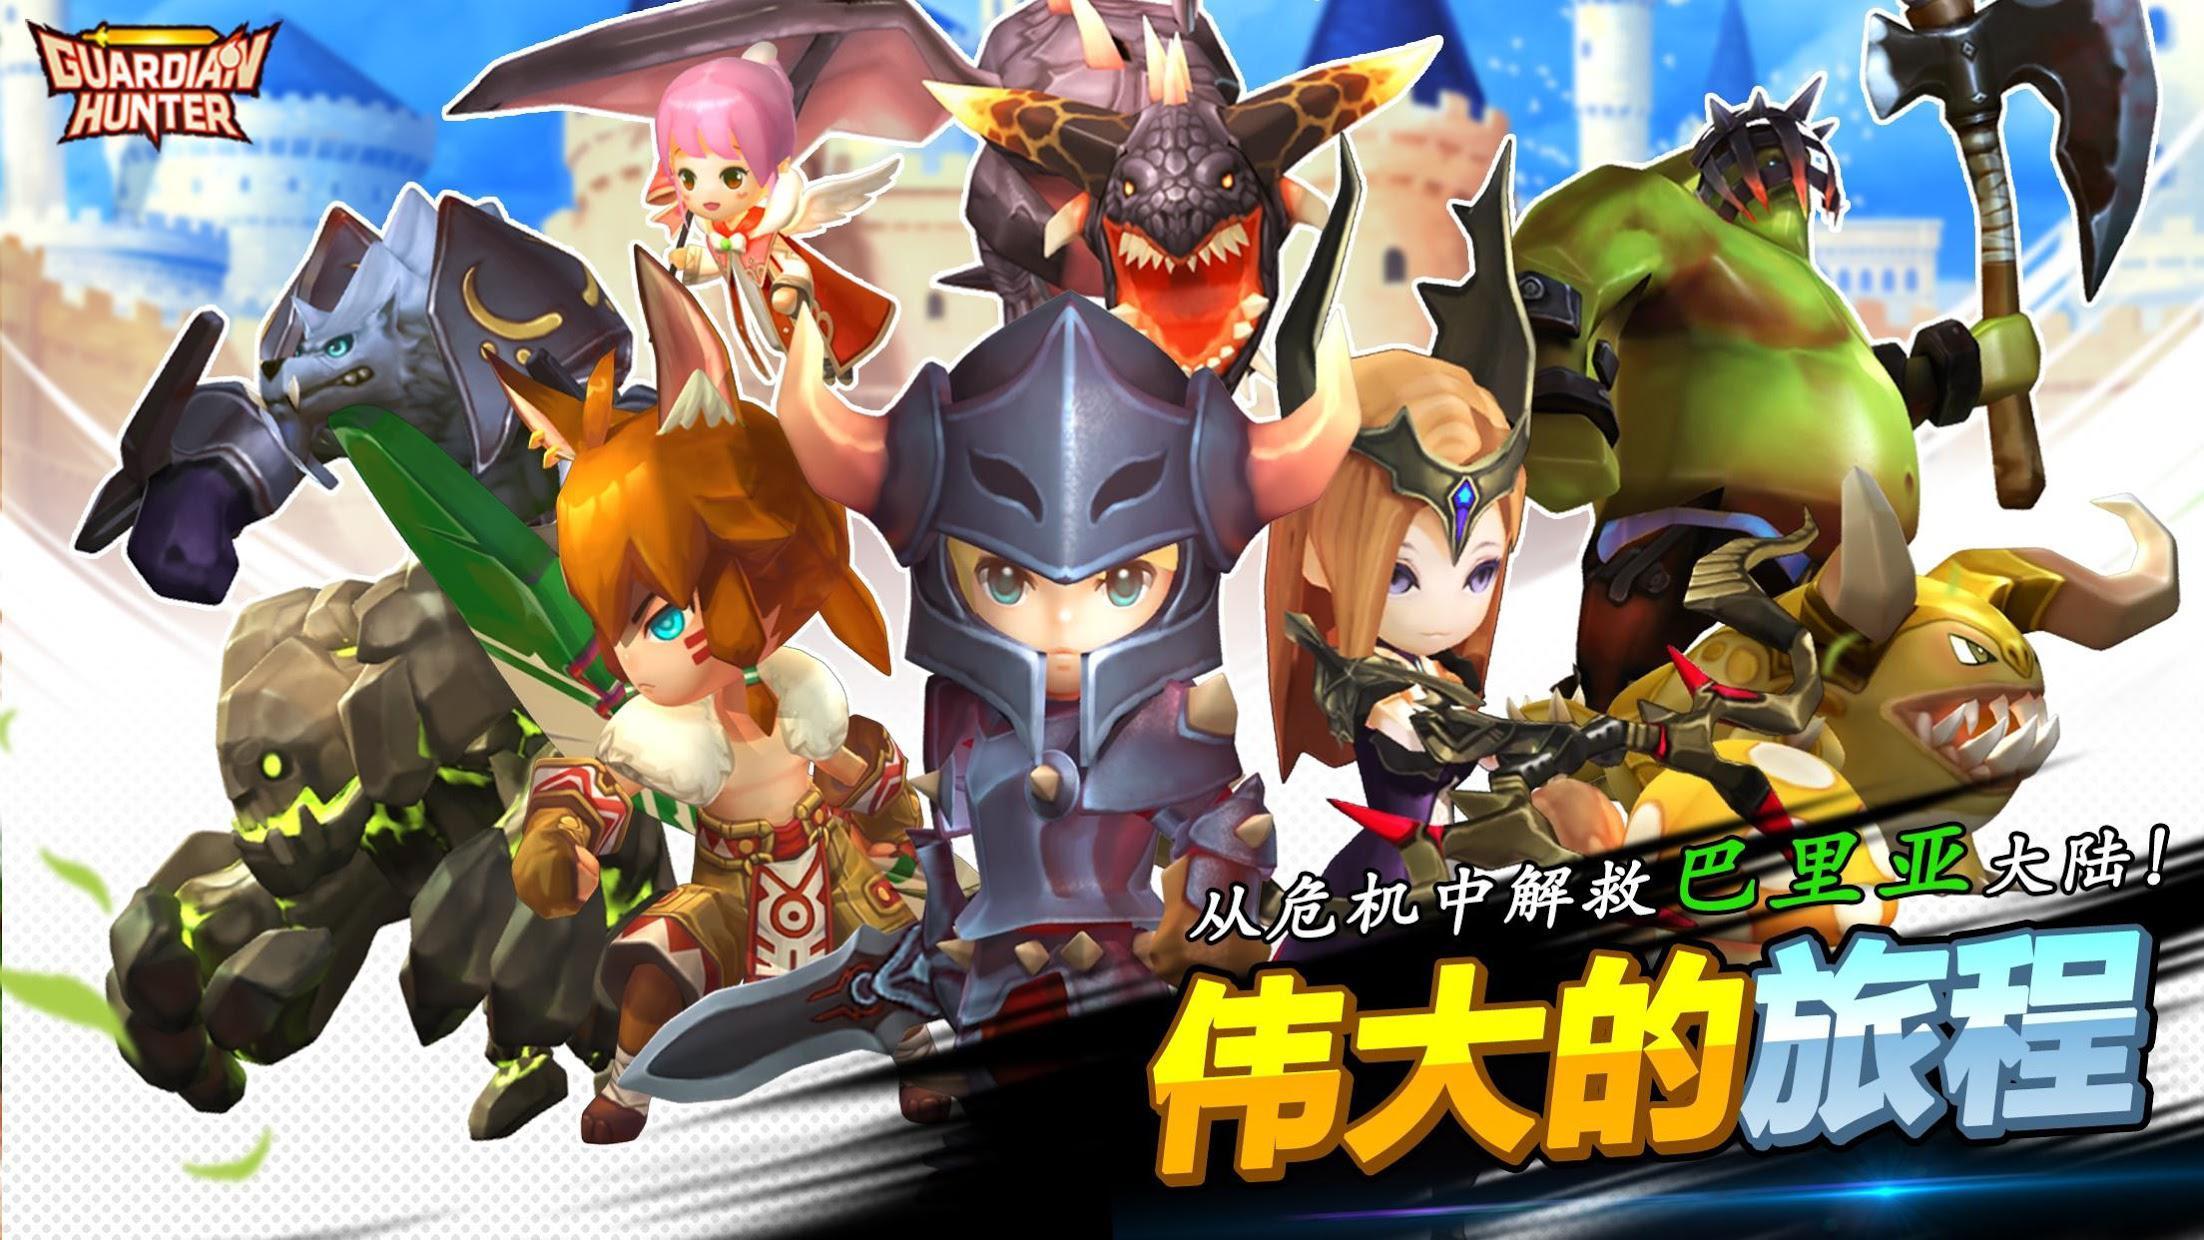 守护者猎人 游戏截图1